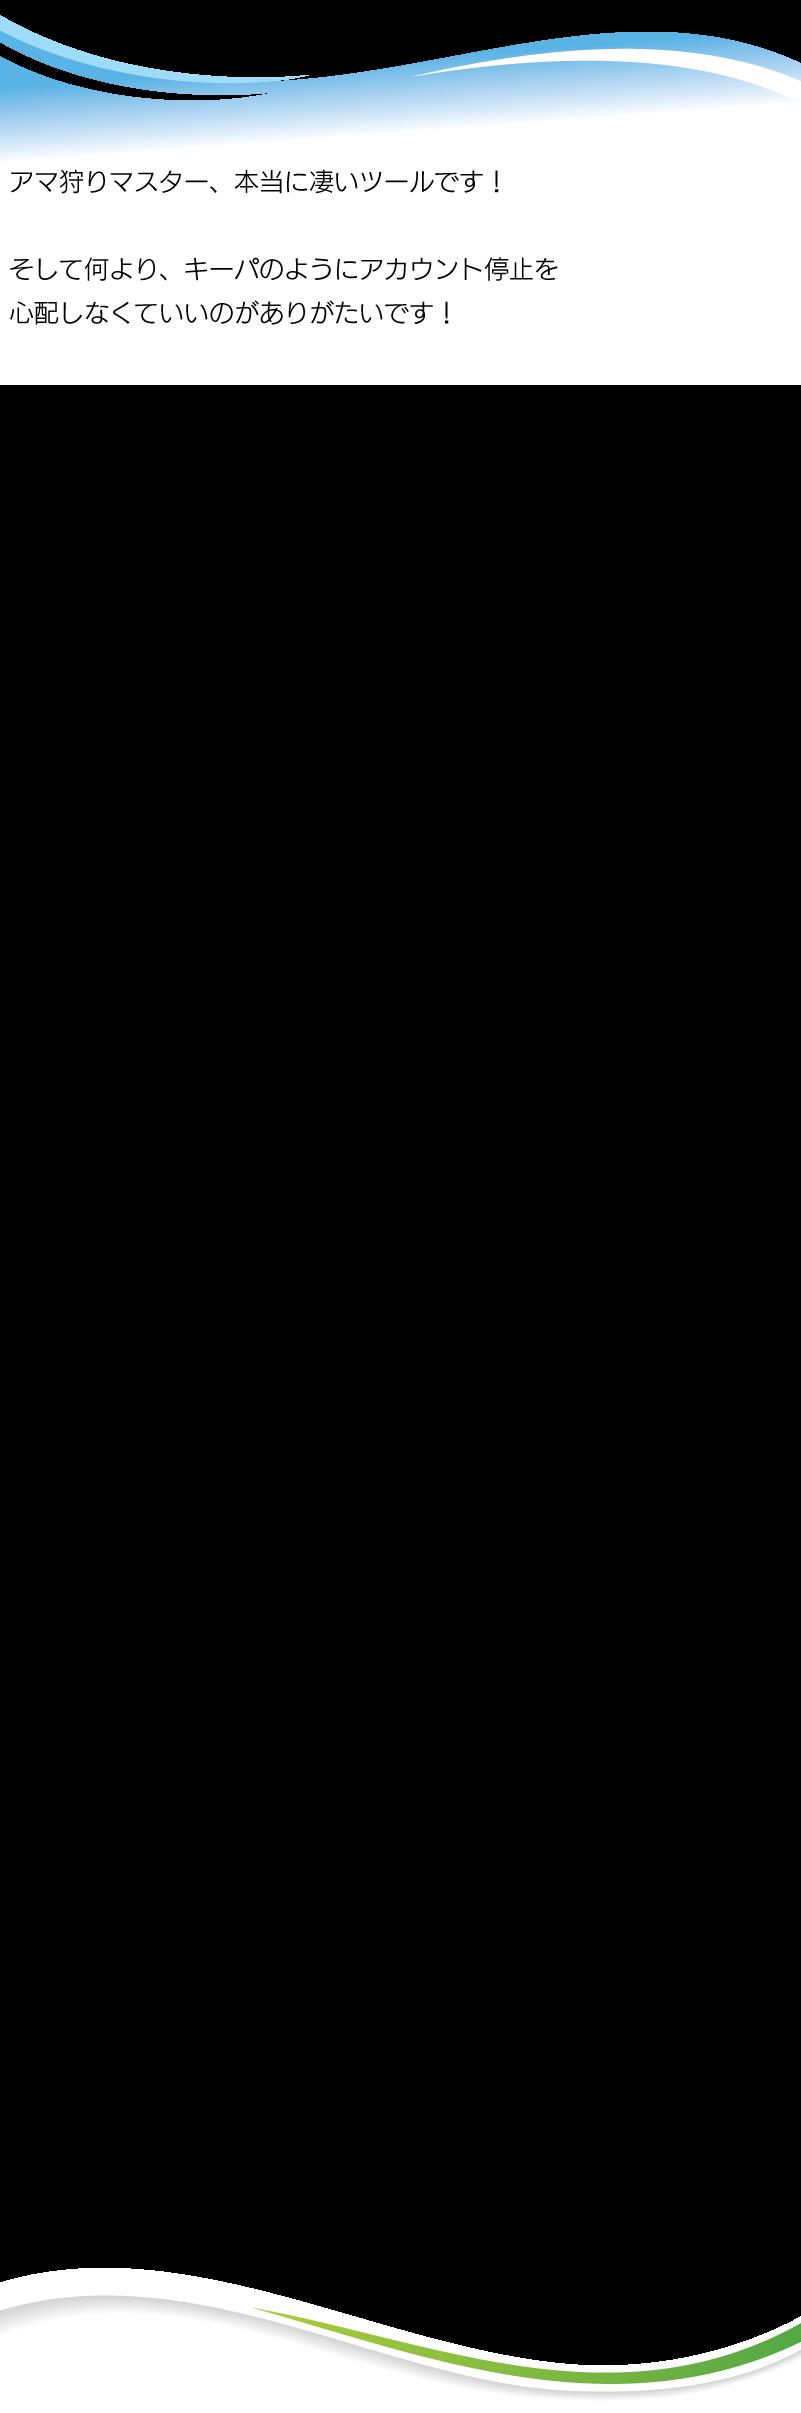 ama14-10